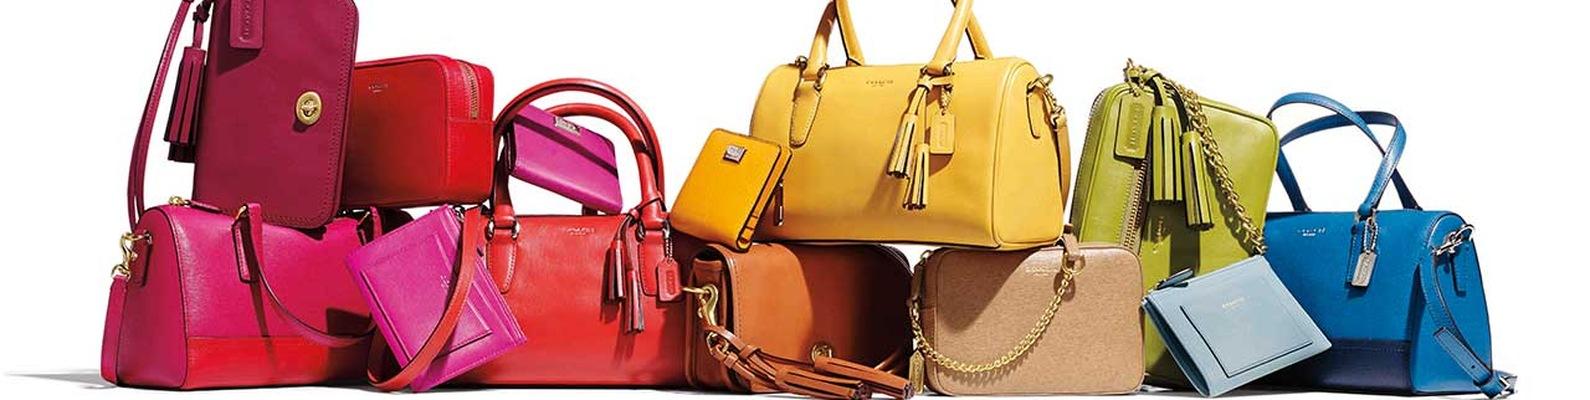 картинка сумки рюкзаки кошельки центральном